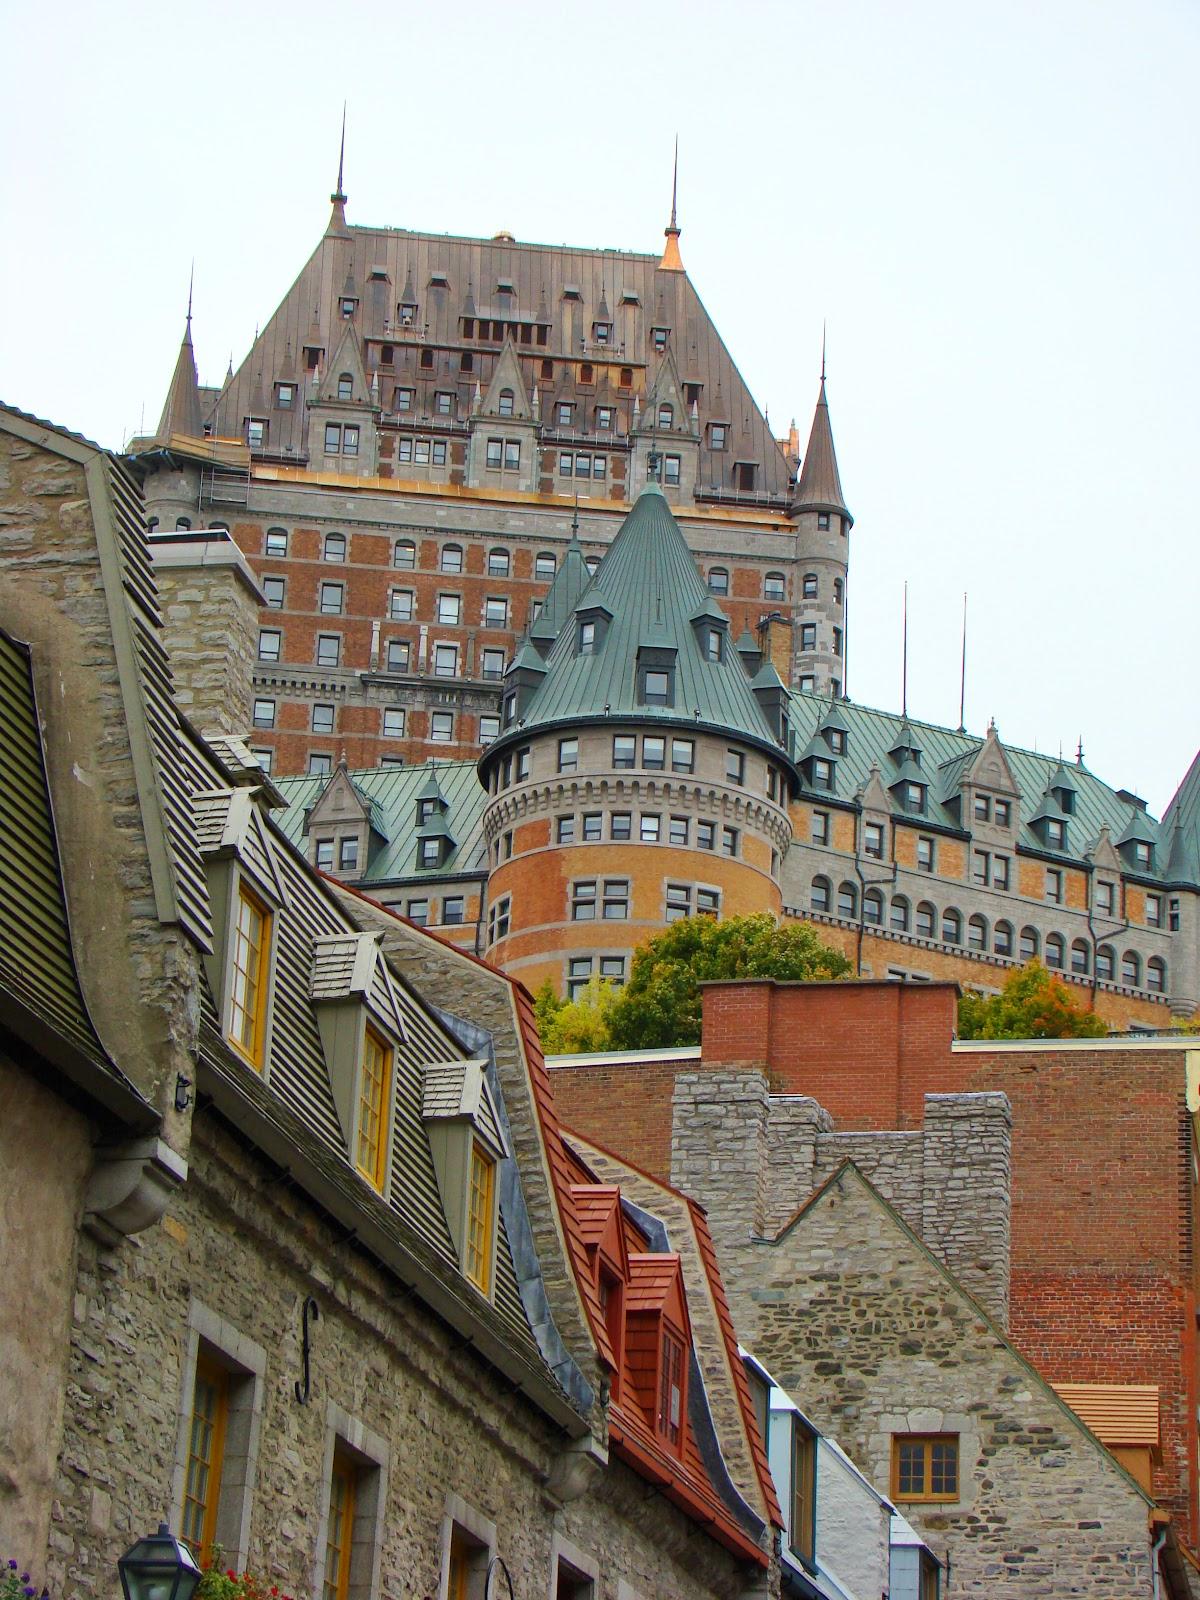 Замок Фронтенак считается самым часто фотографируемым отелем в мире.